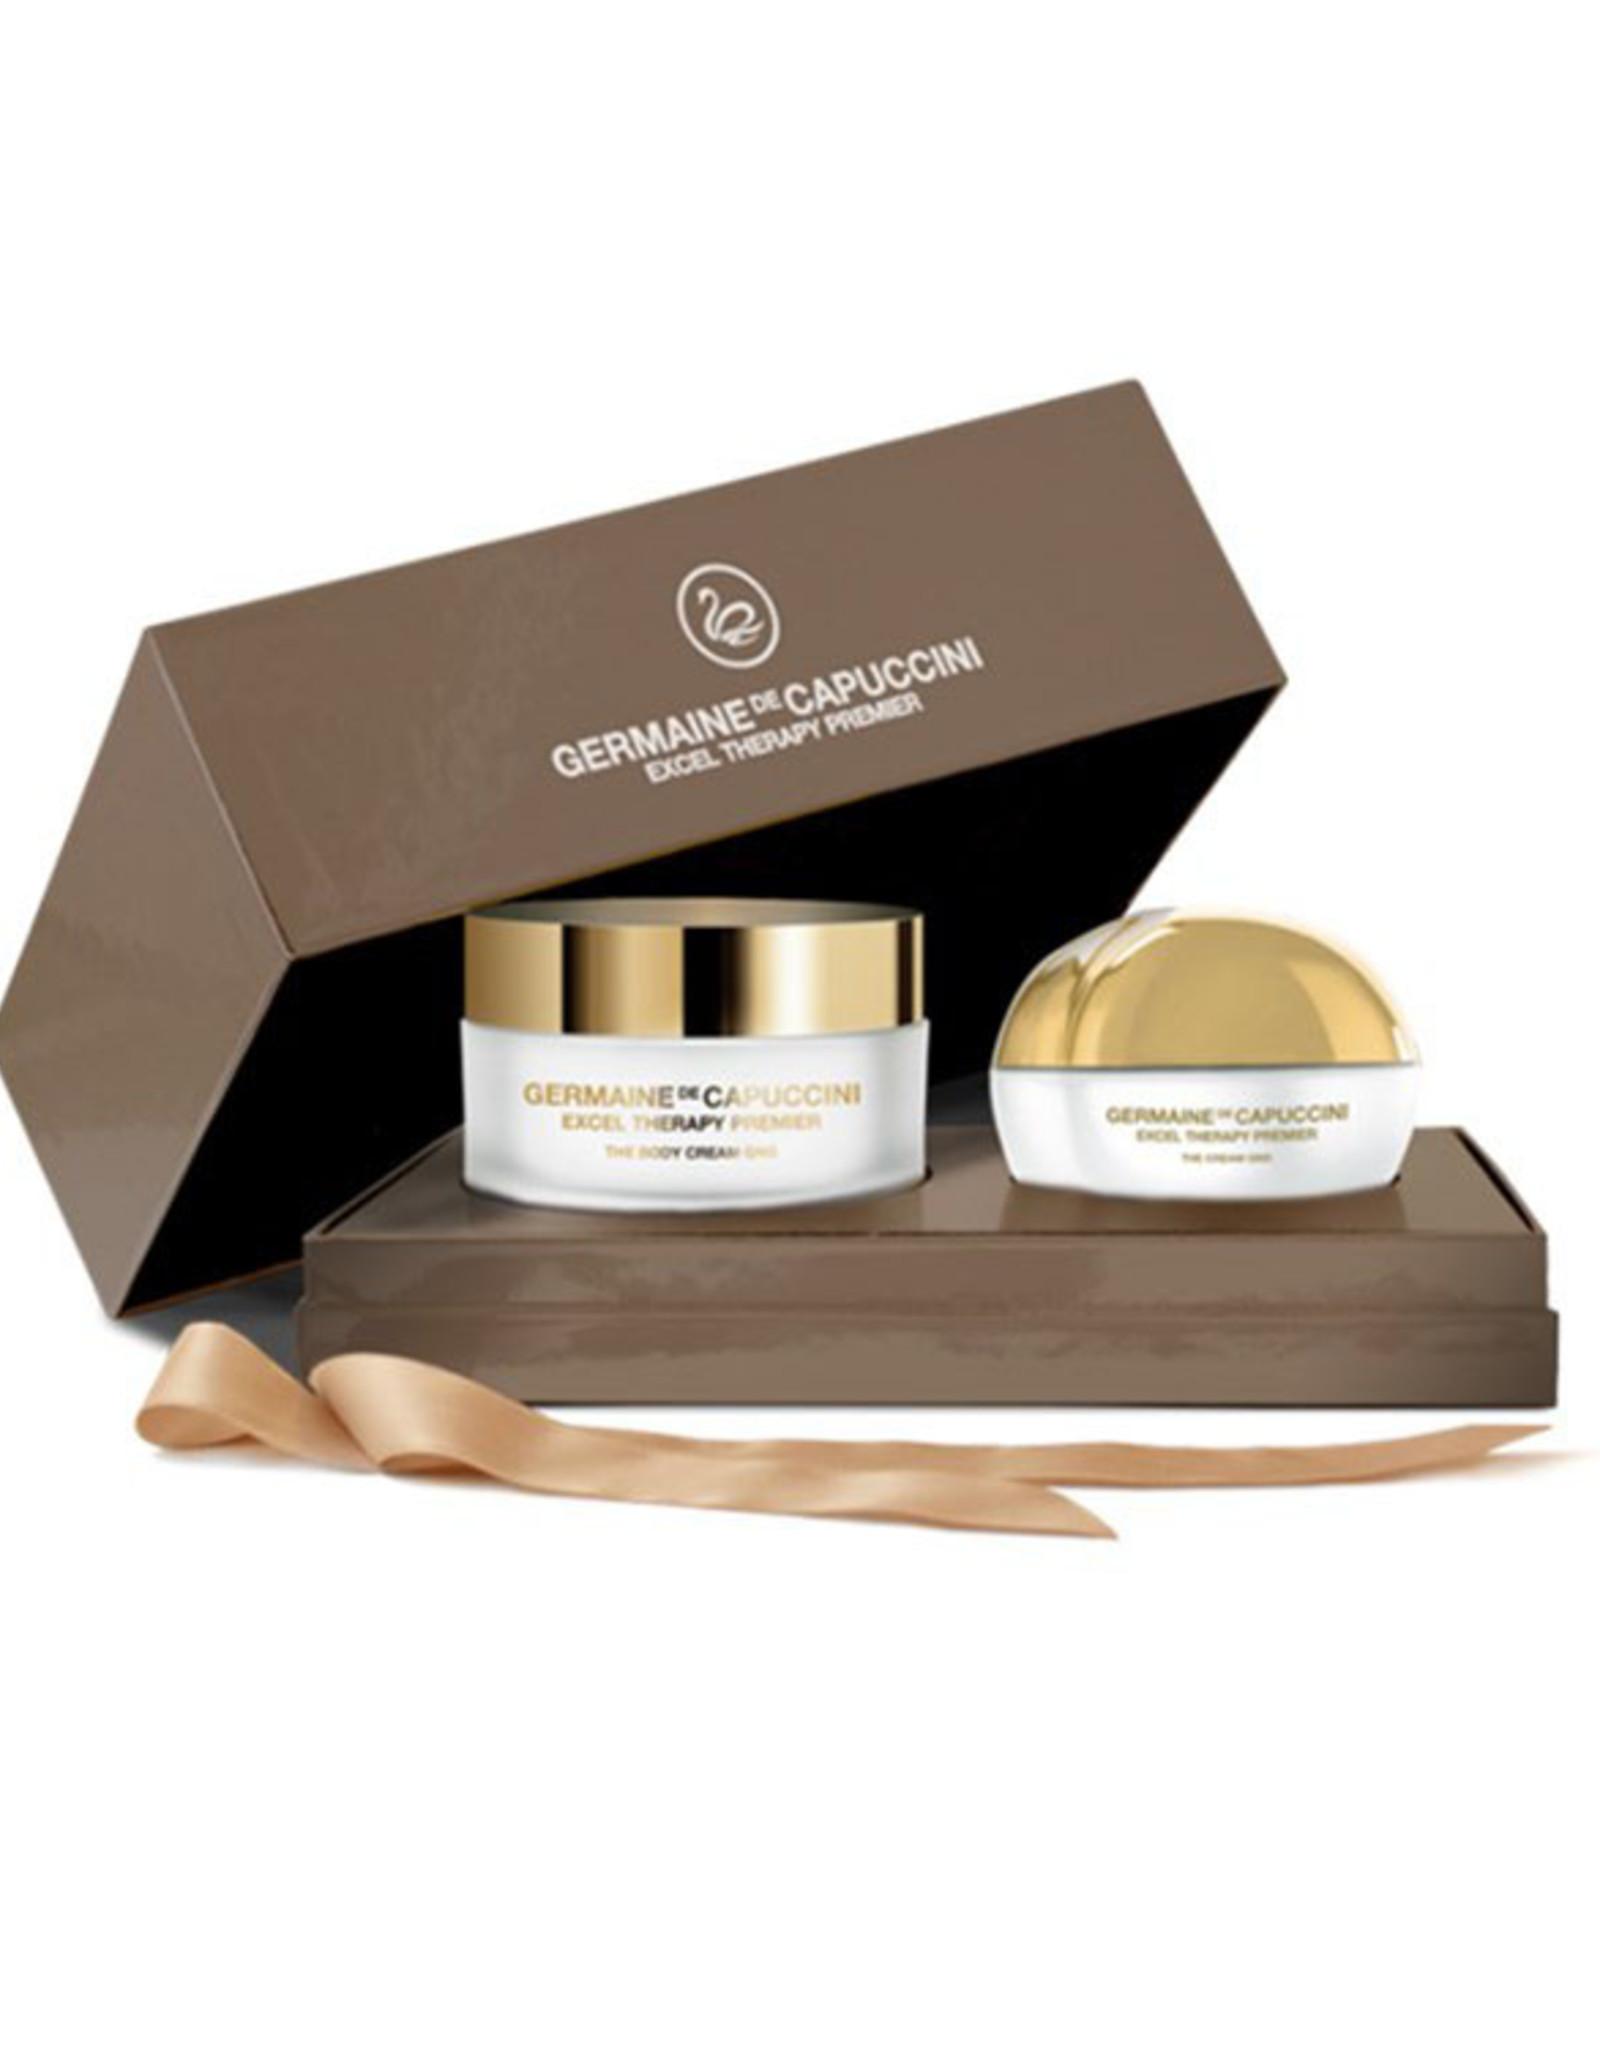 Germaine de Cappucini The Cream GNG Promo